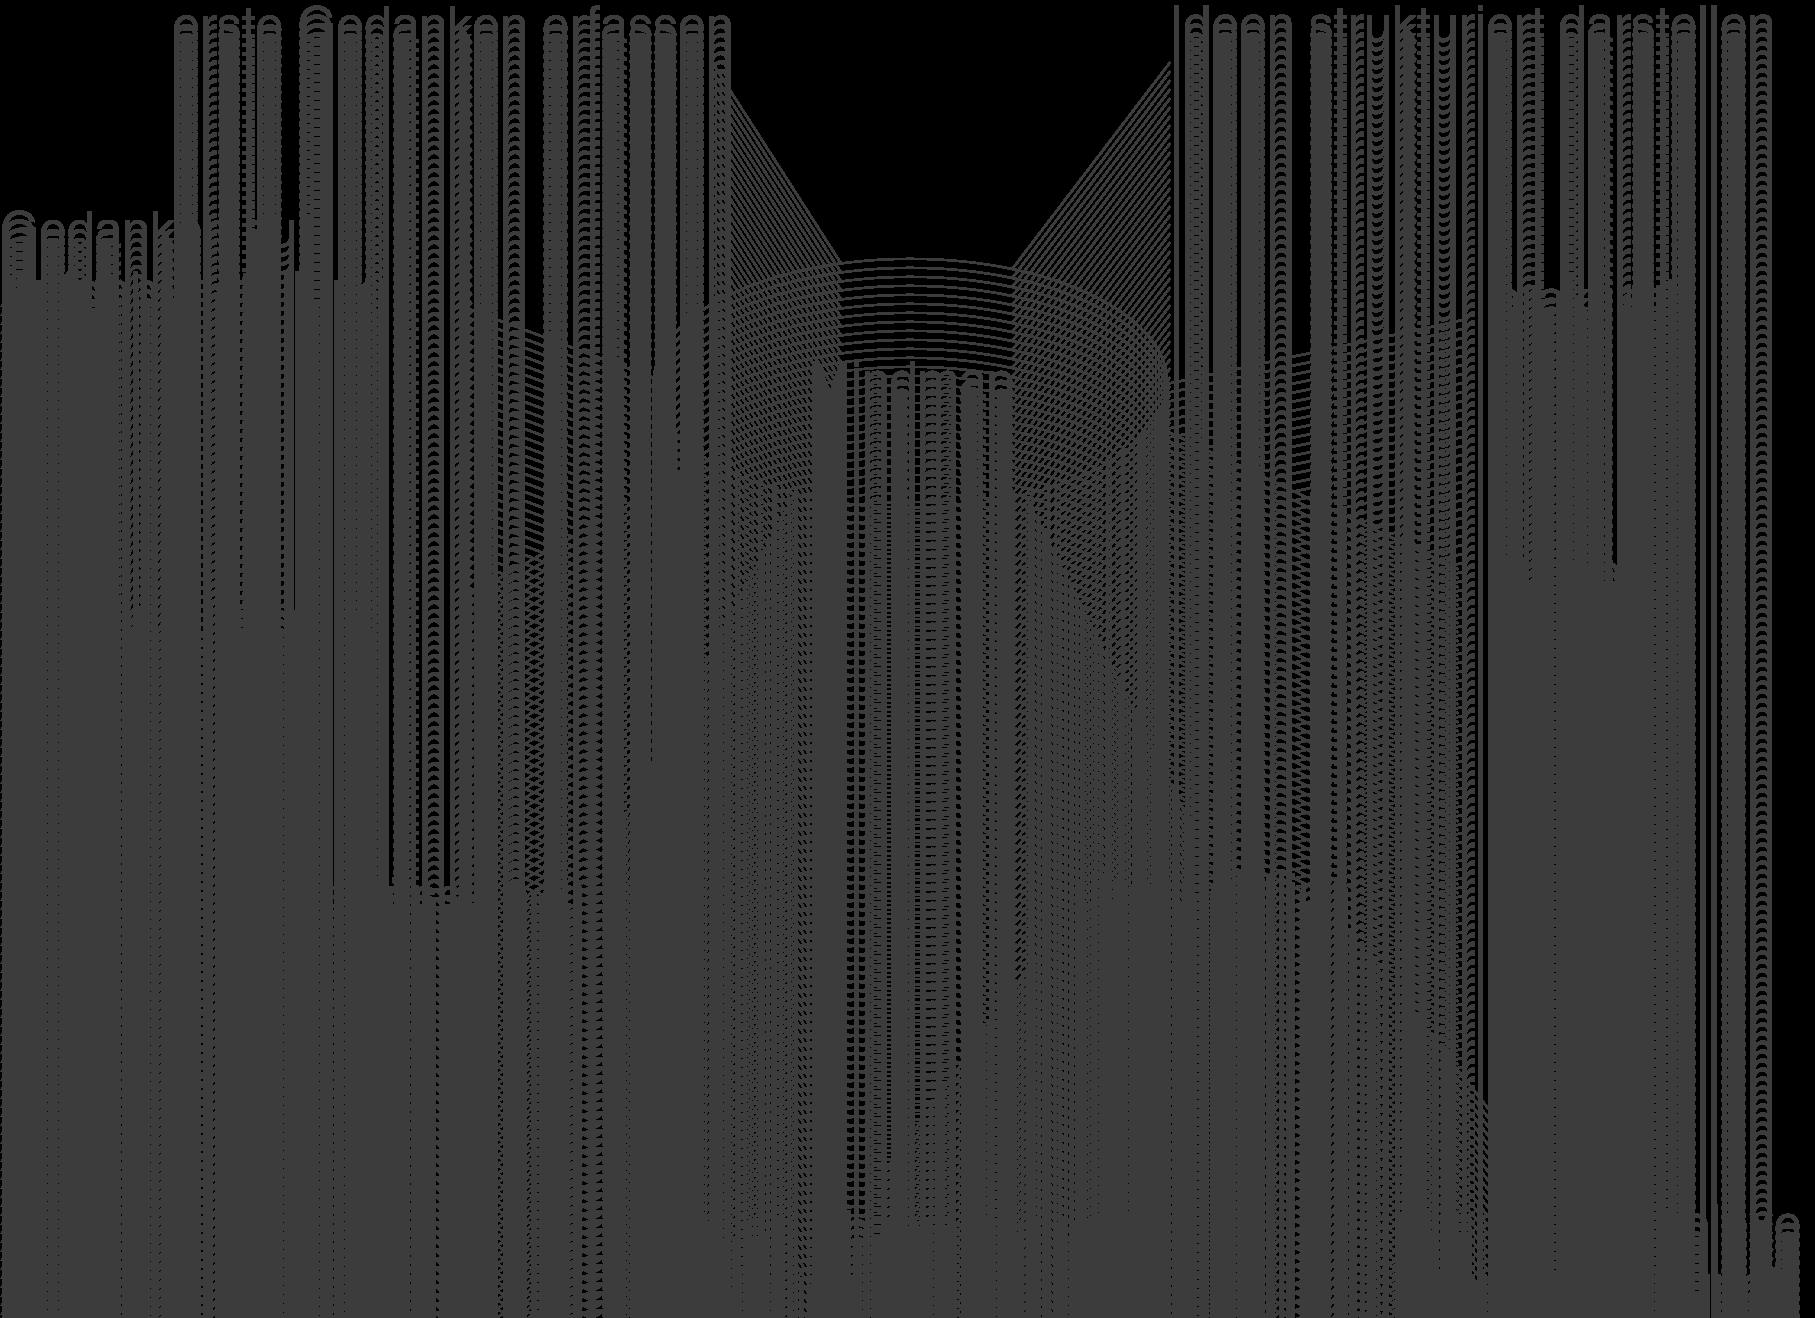 Sprechen / Vortragen: Präsentation